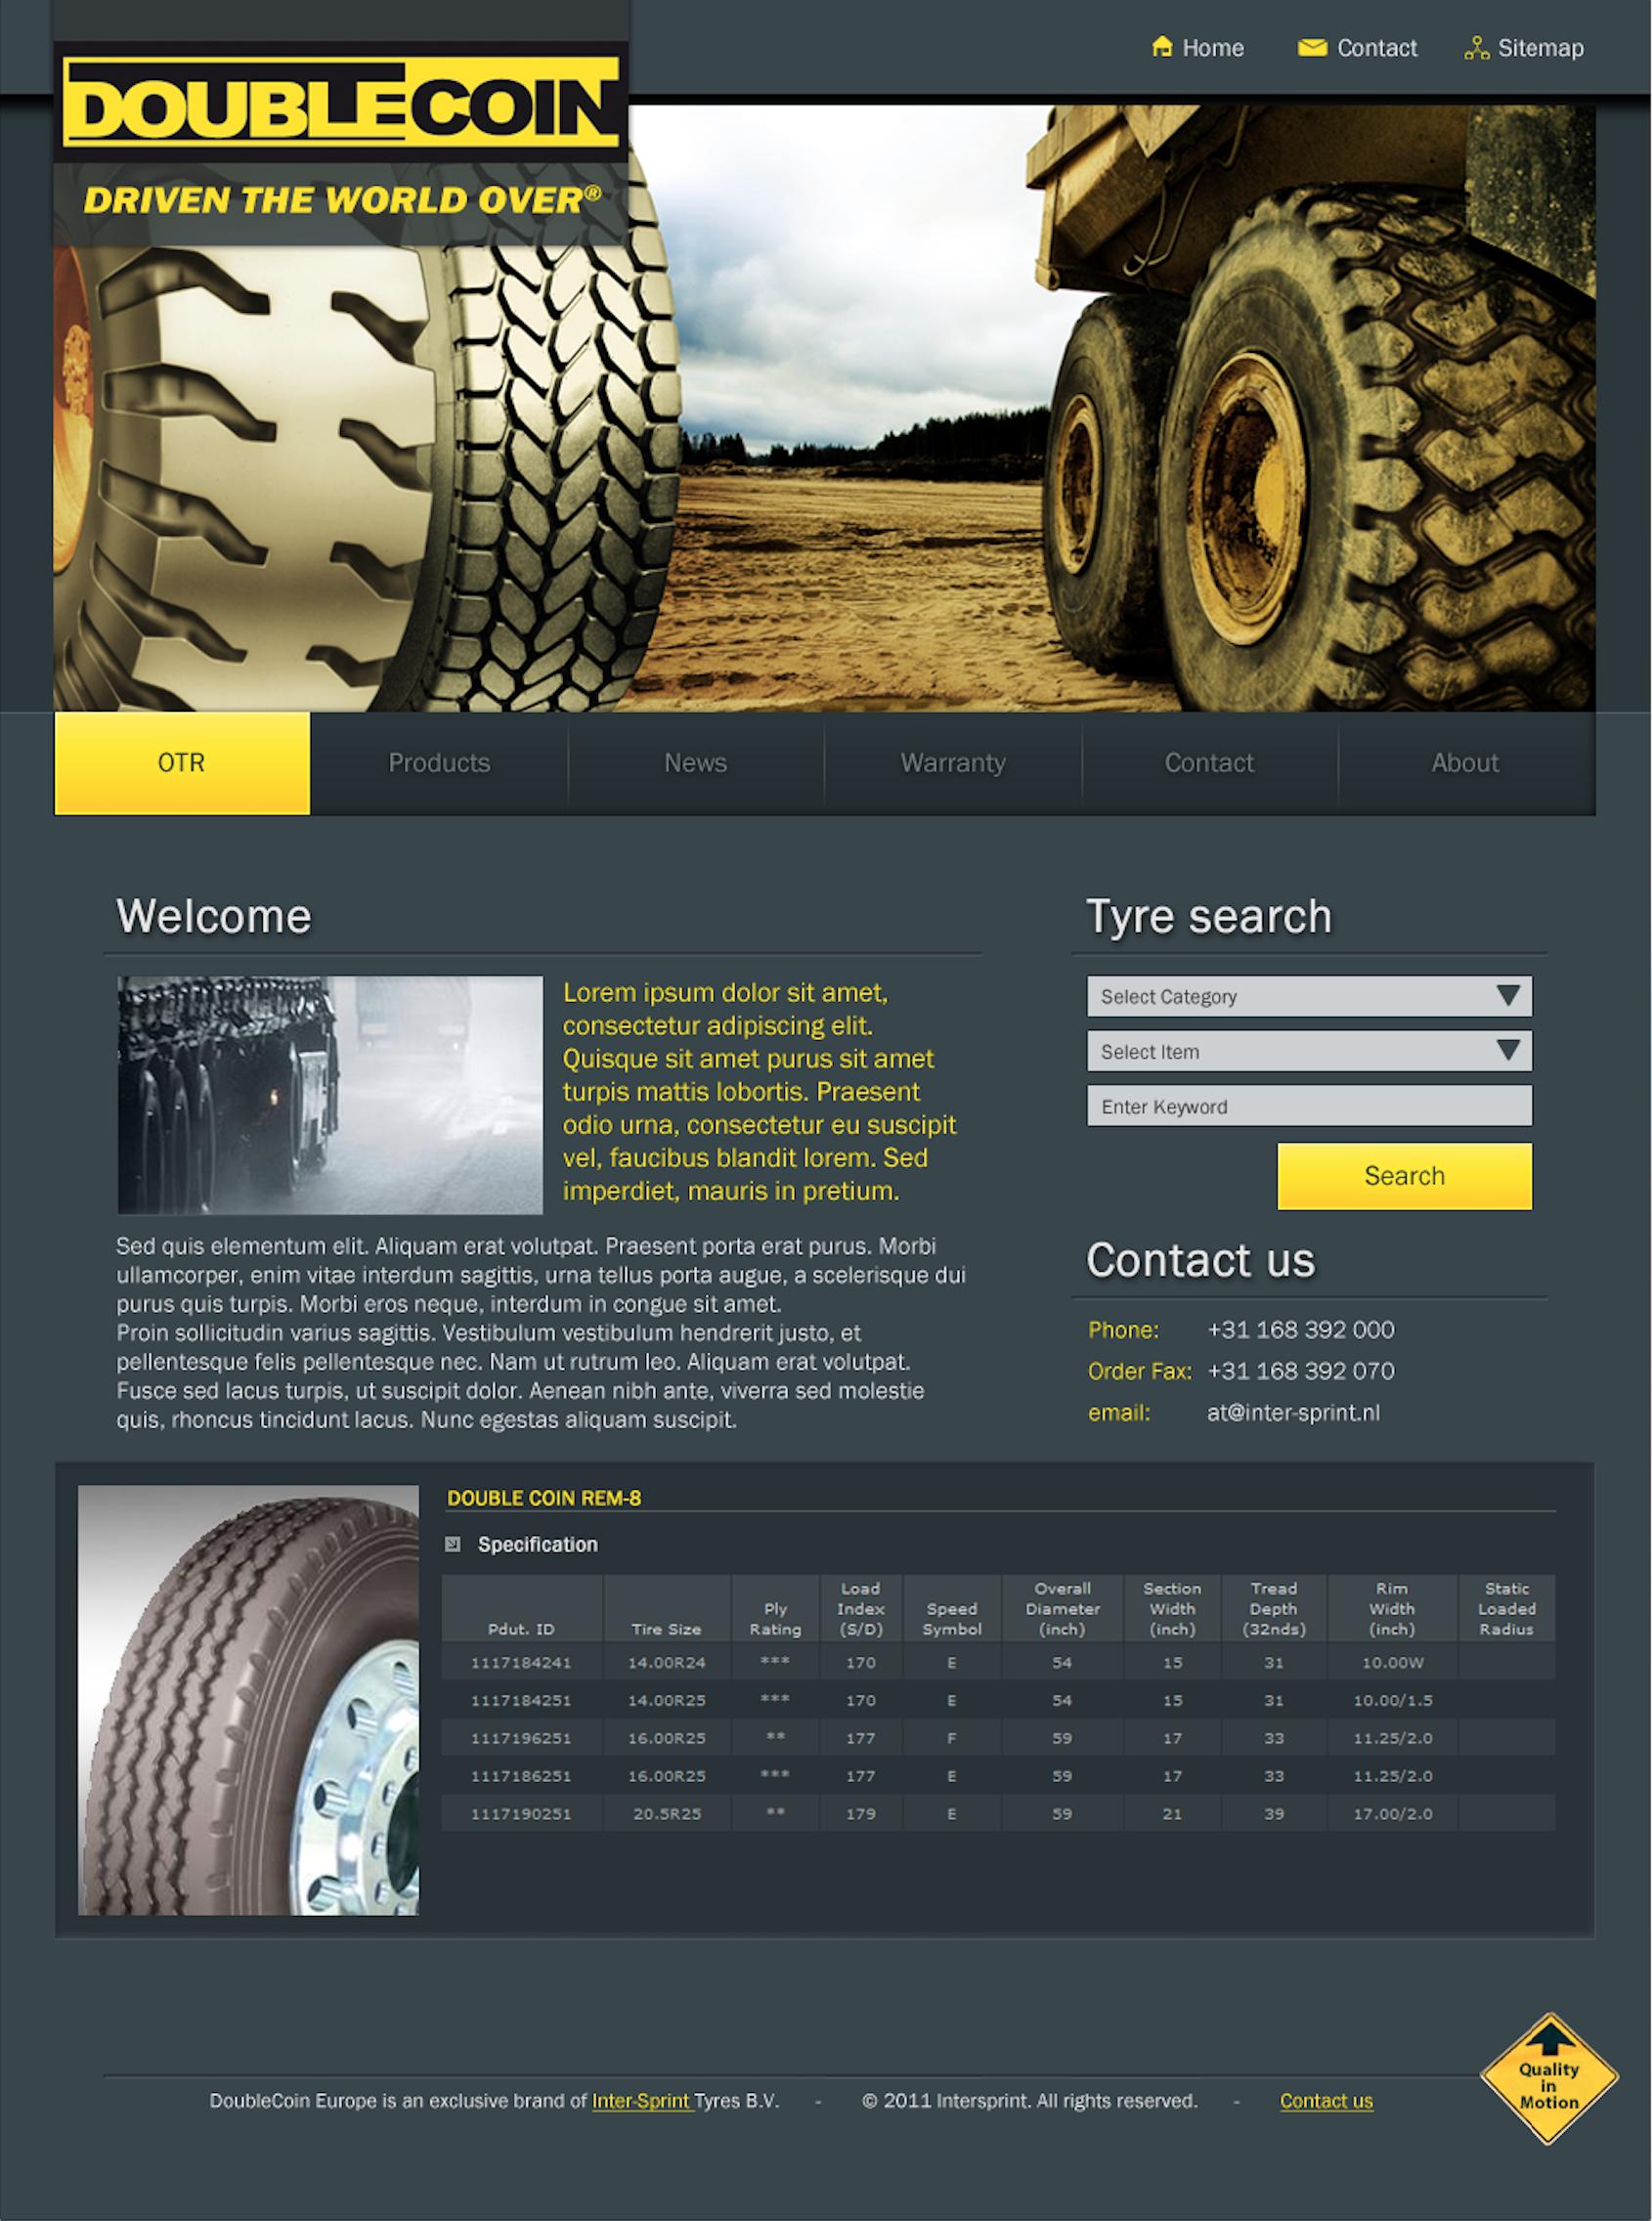 Doublecoin Europe website